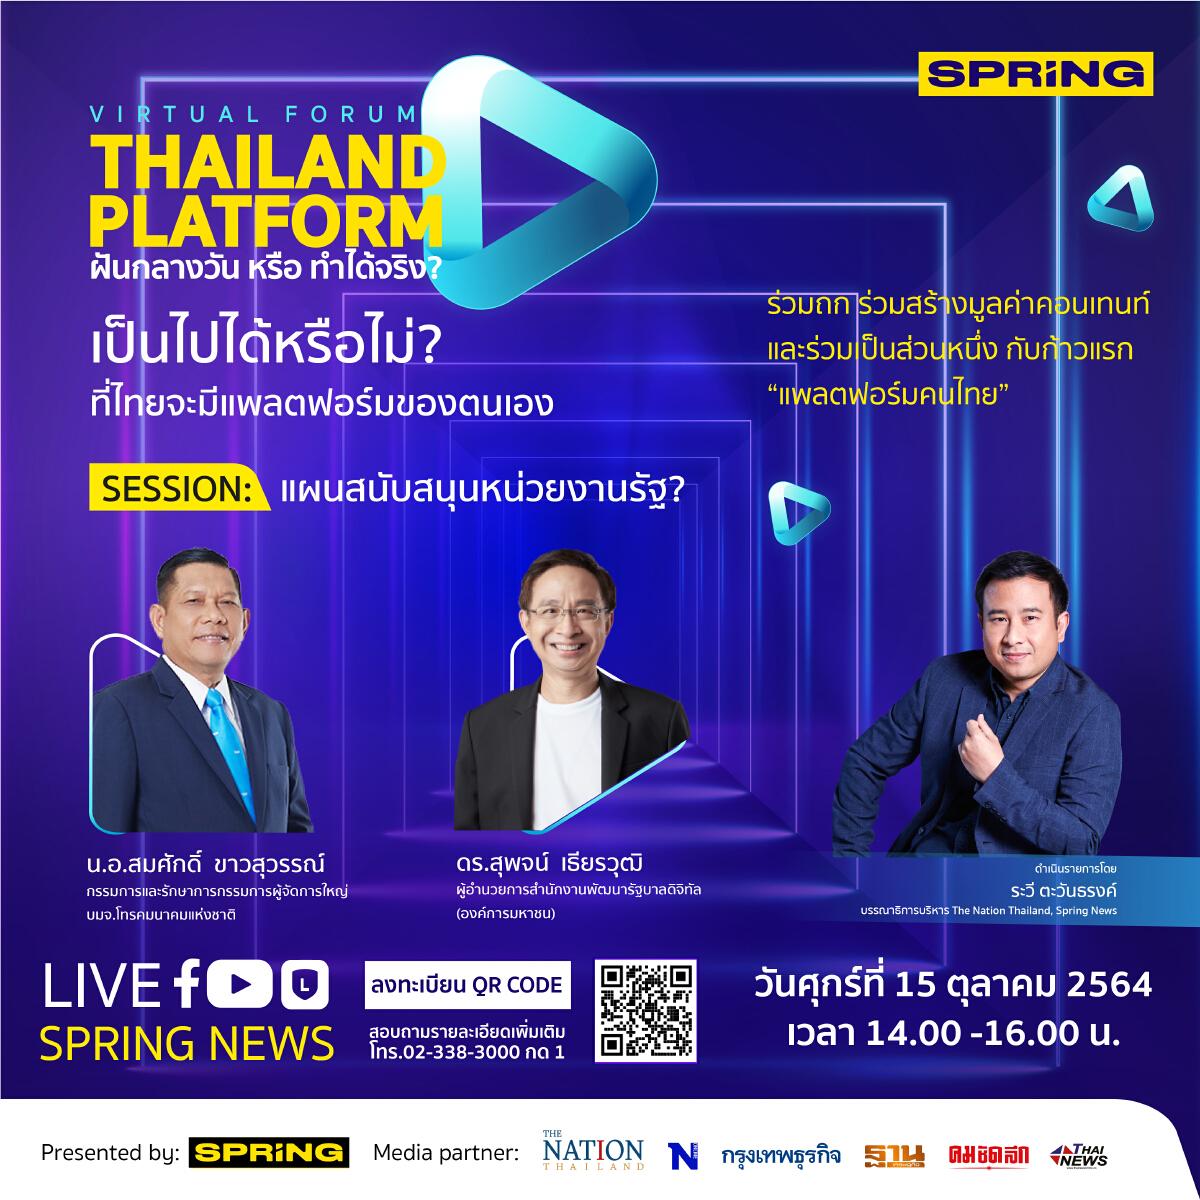 Thailand Platform